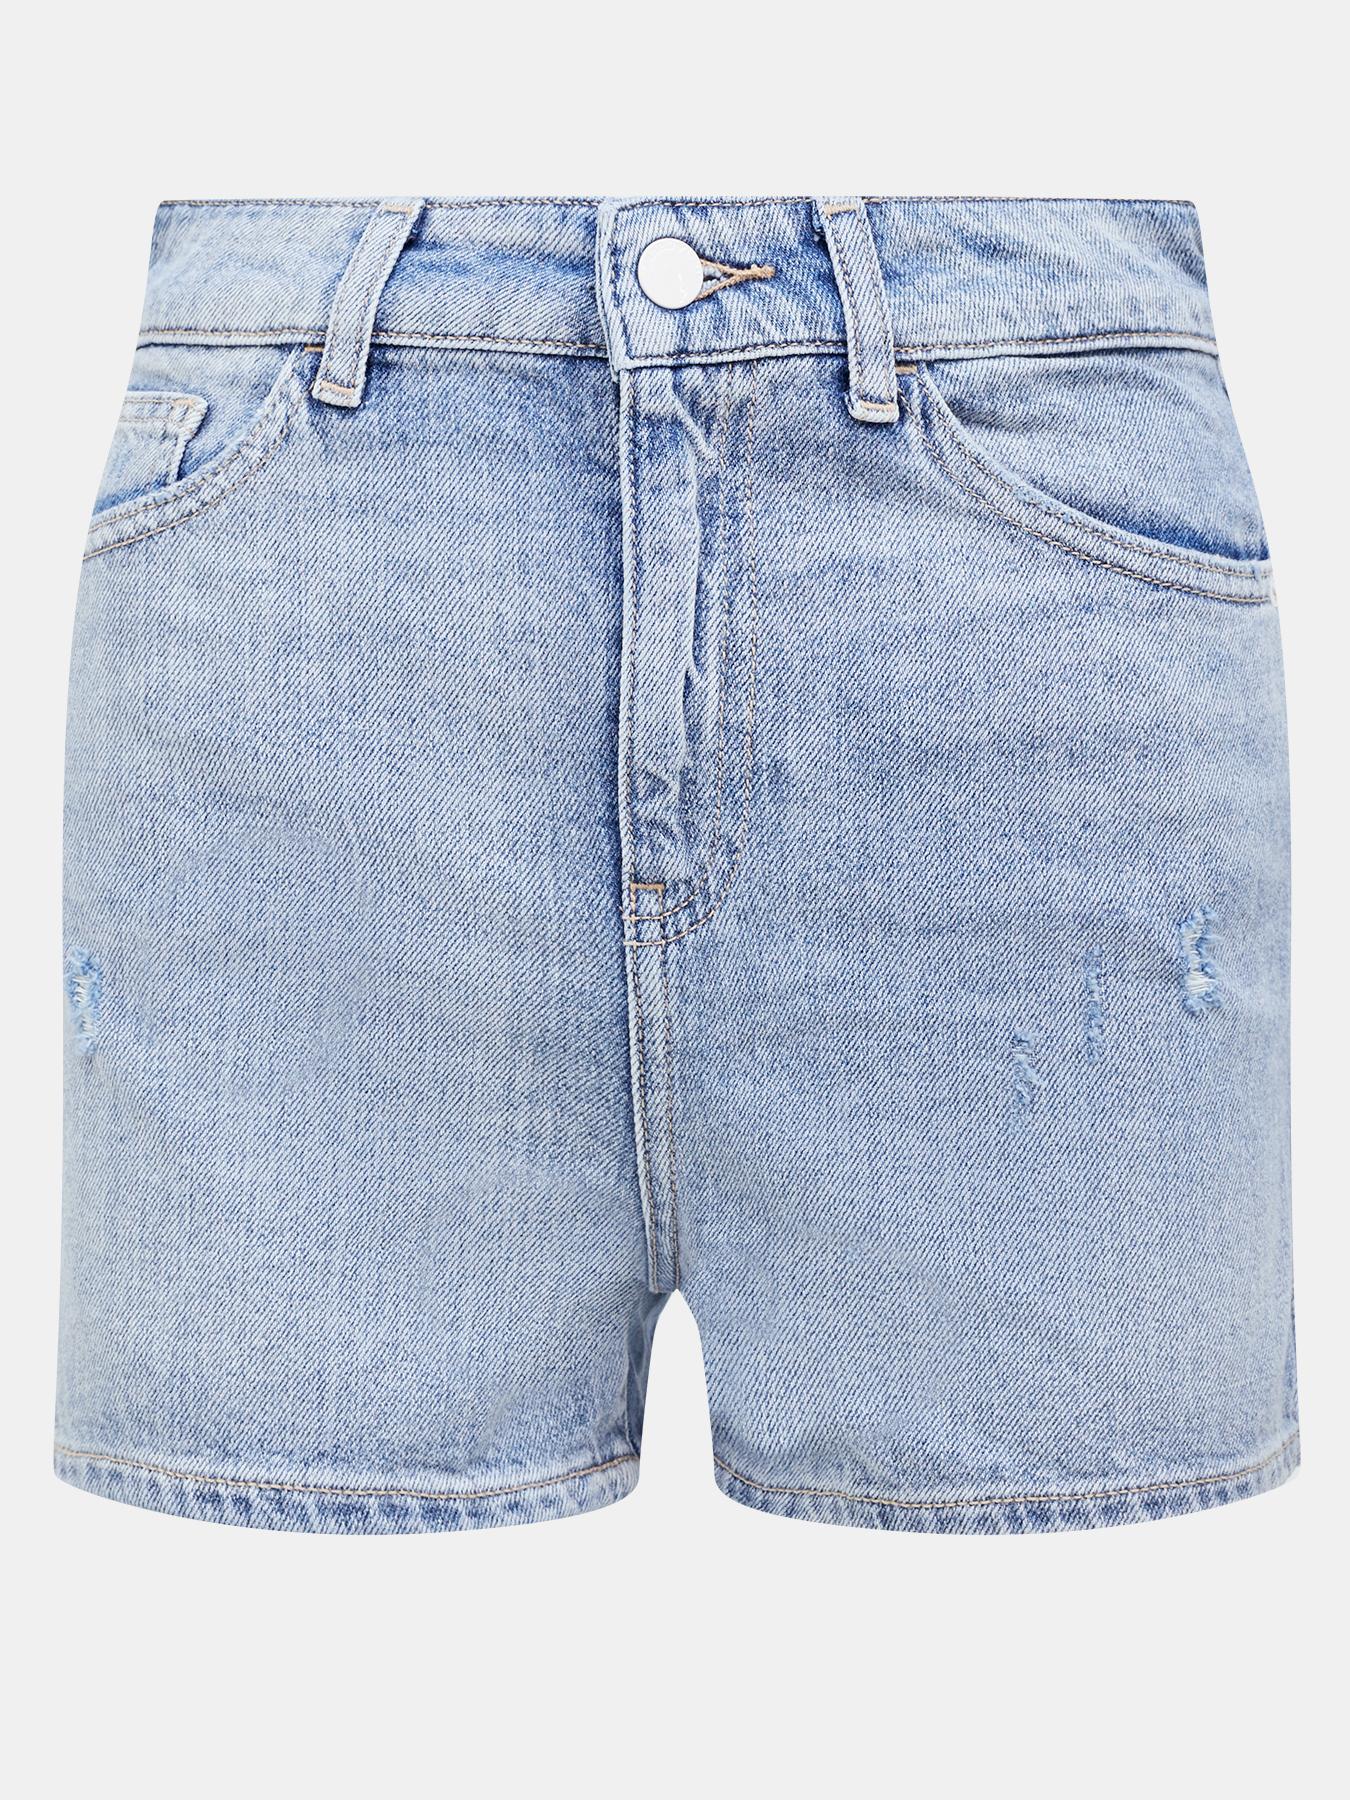 Фото - Шорты Emporio Armani Джинсовые шорты please джинсовые шорты